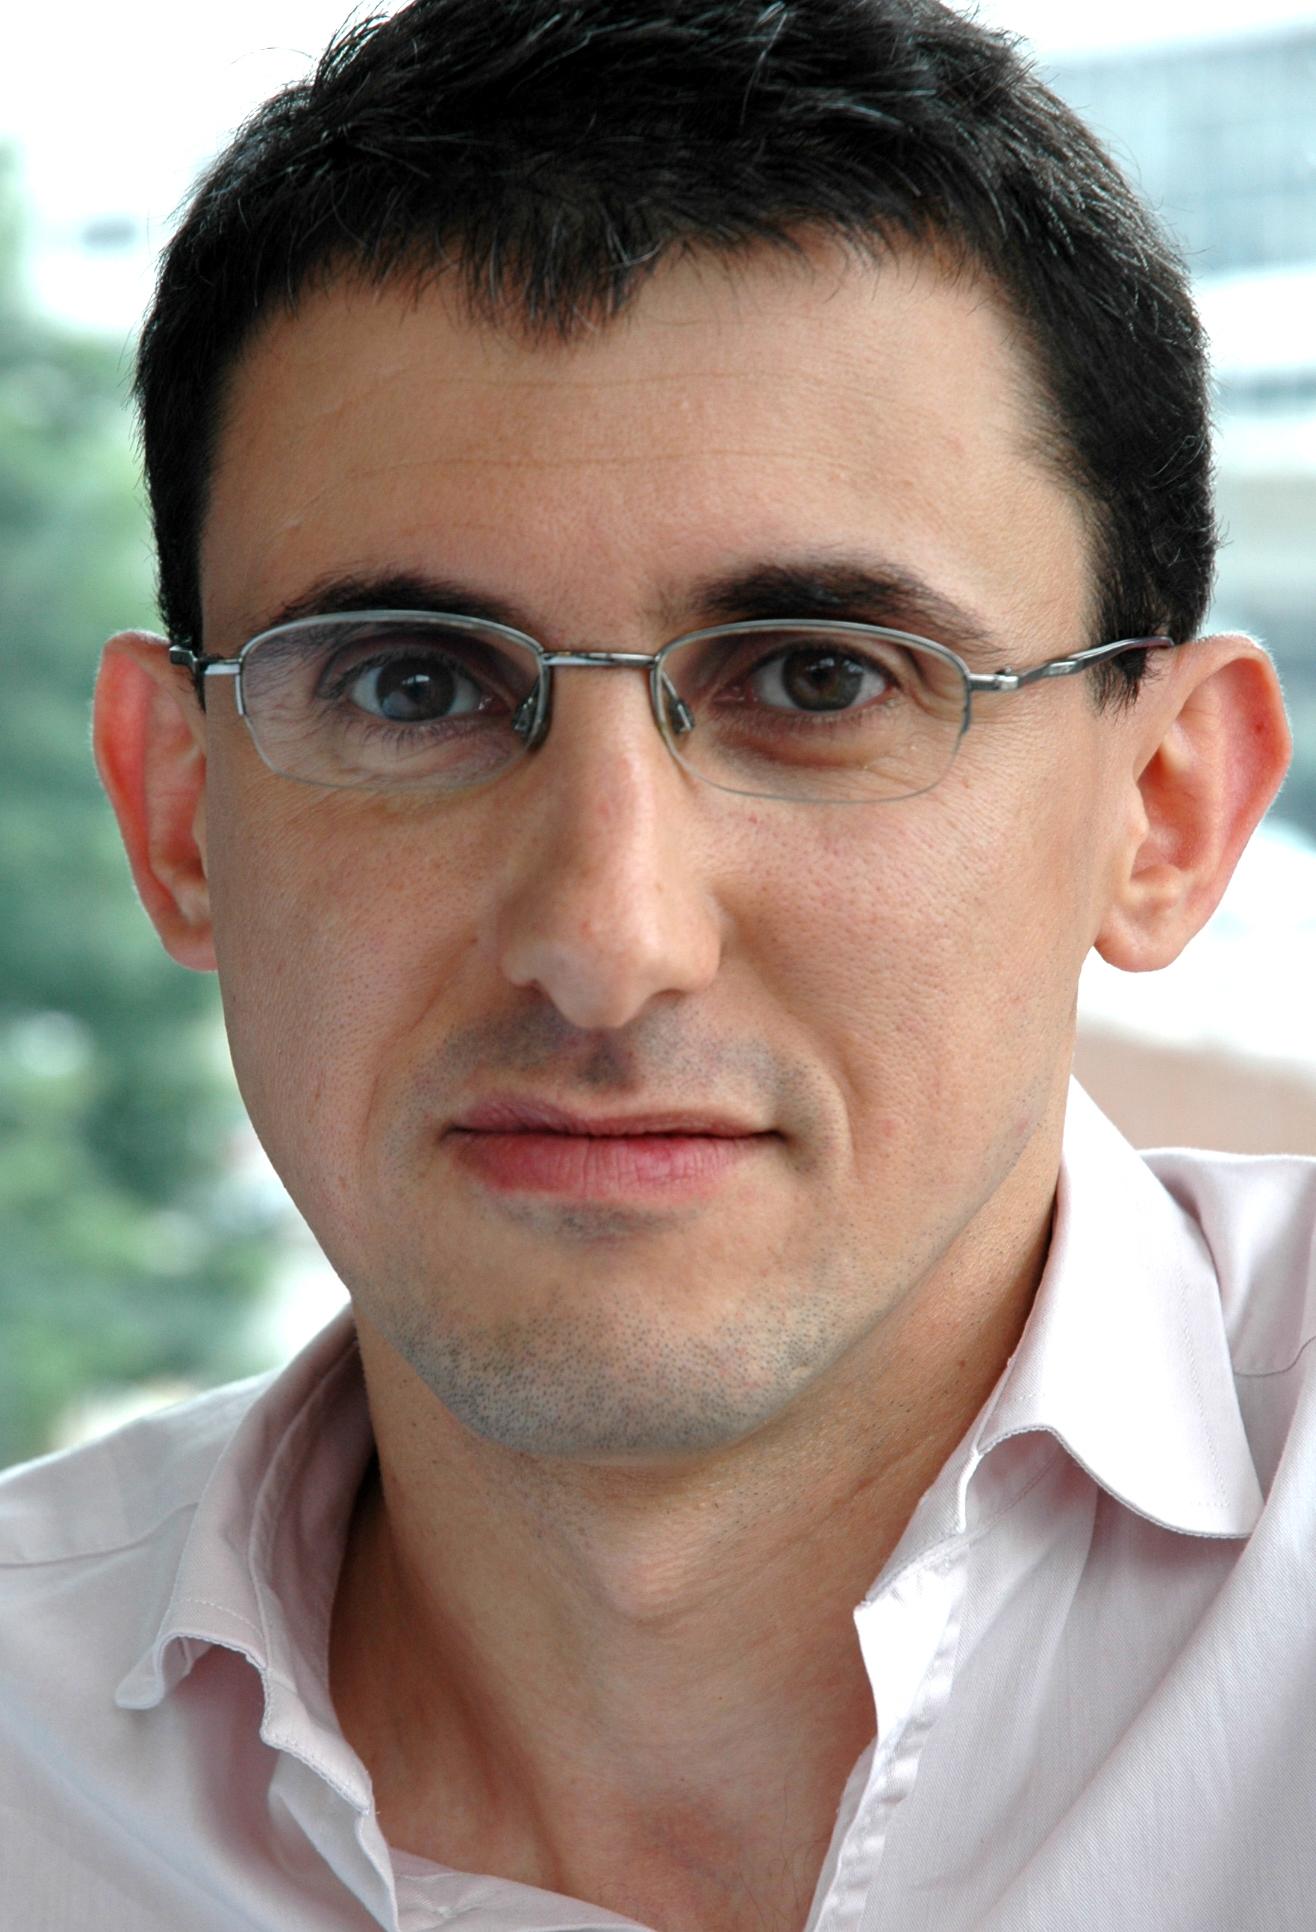 Simon Danker